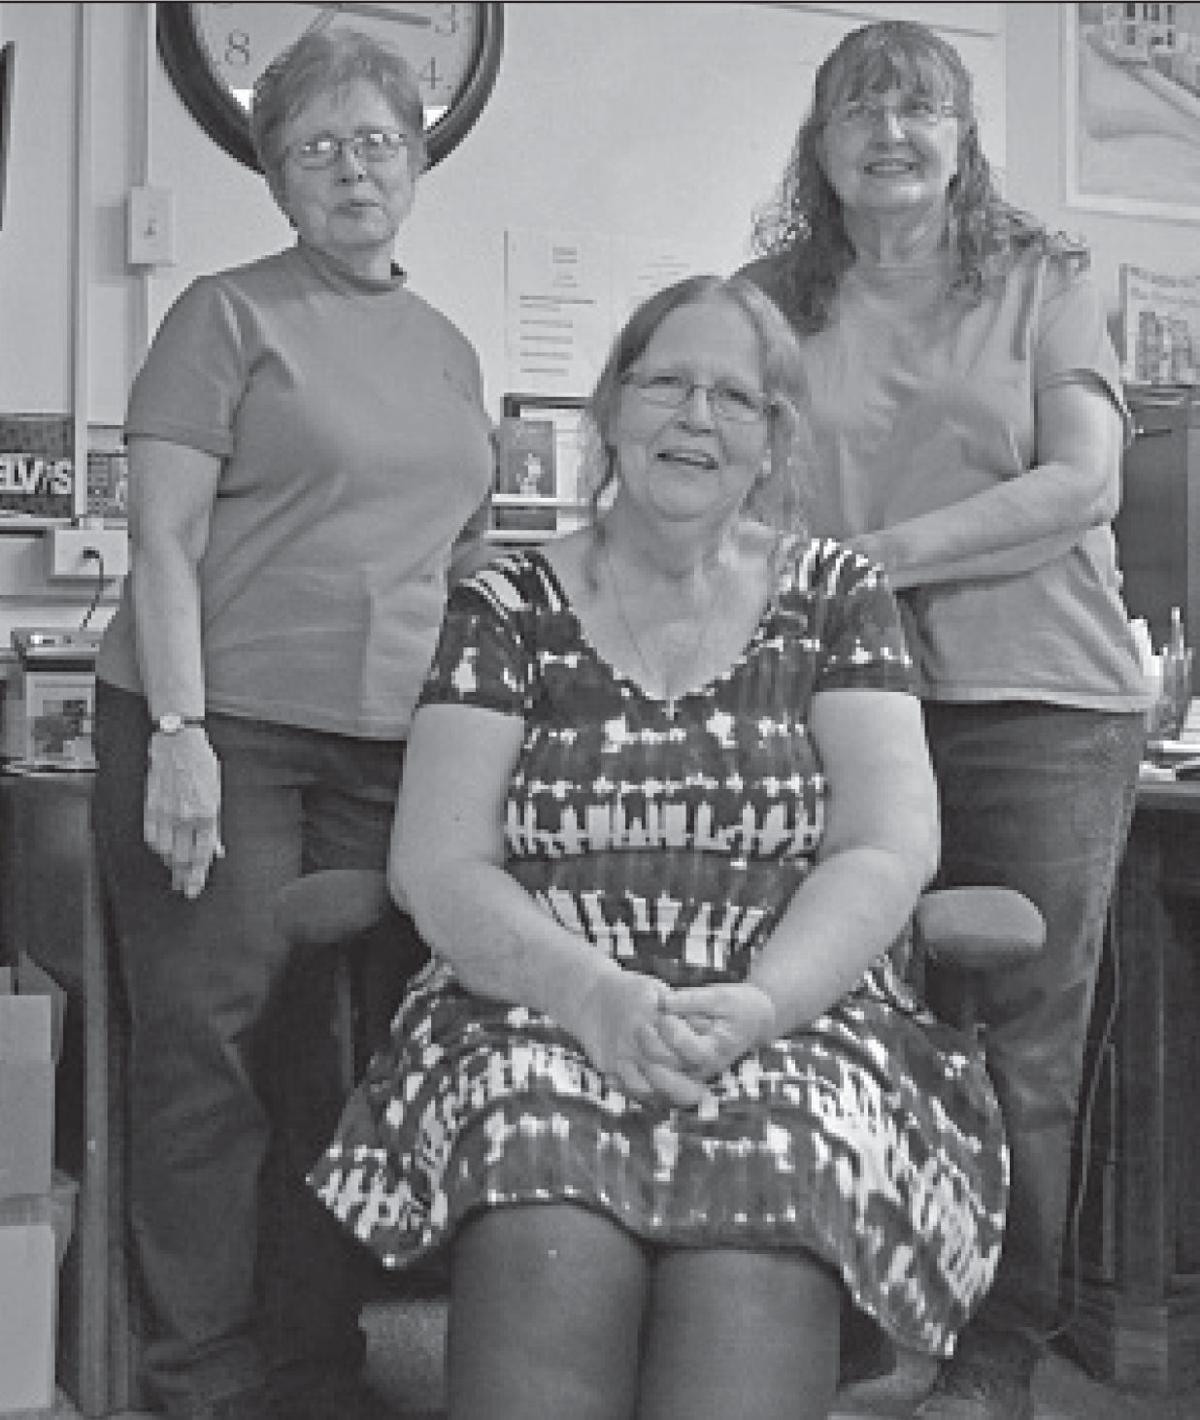 Hemingford librarian celebrates retirement